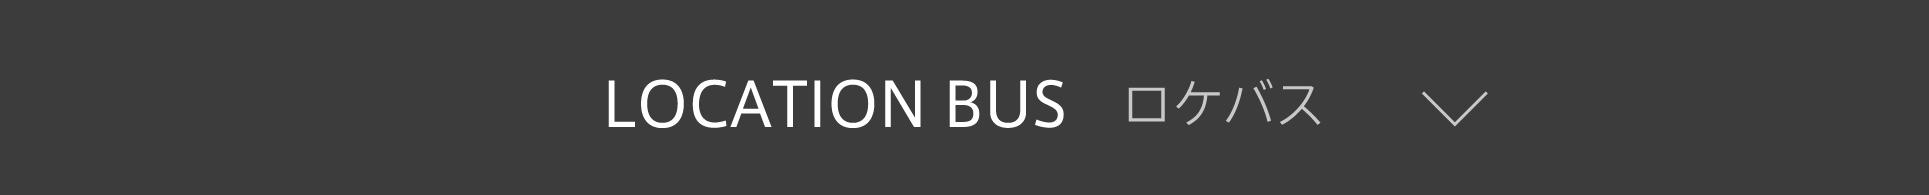 LOCATION BUS ロケバス